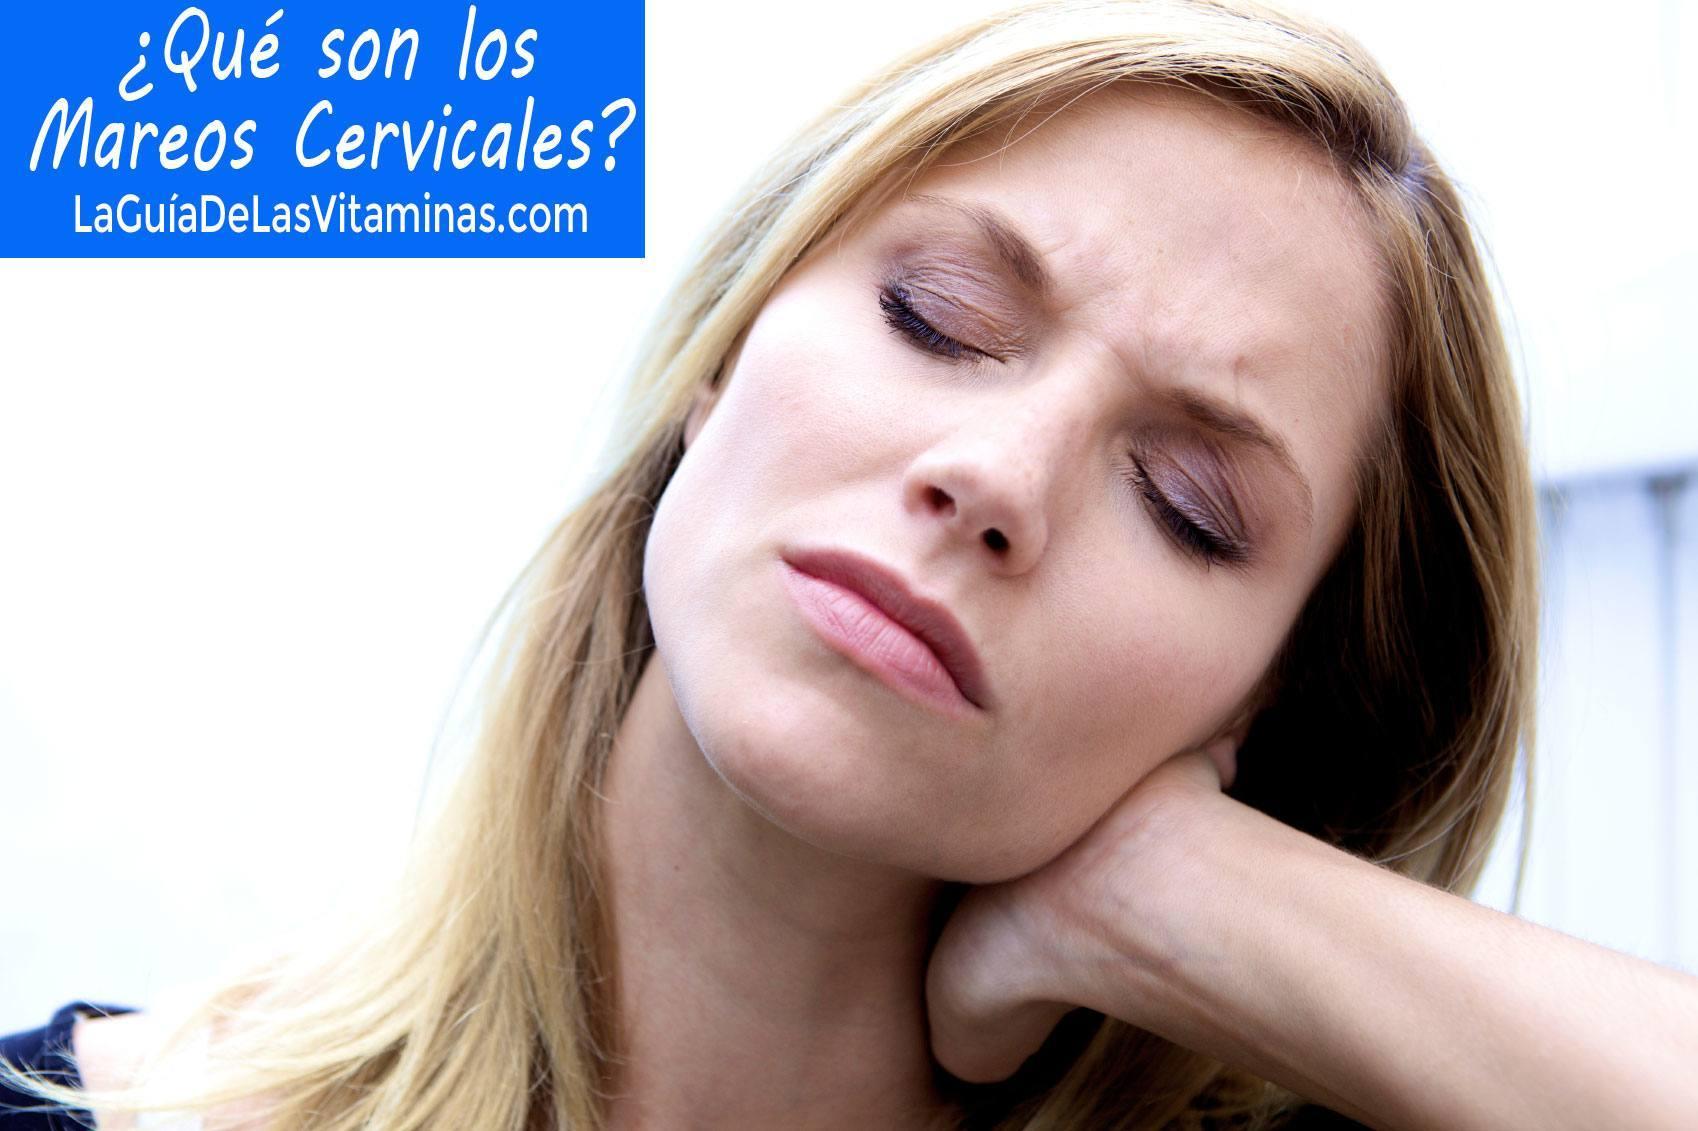 Mareos cervicales | La Guia de las Vitaminas